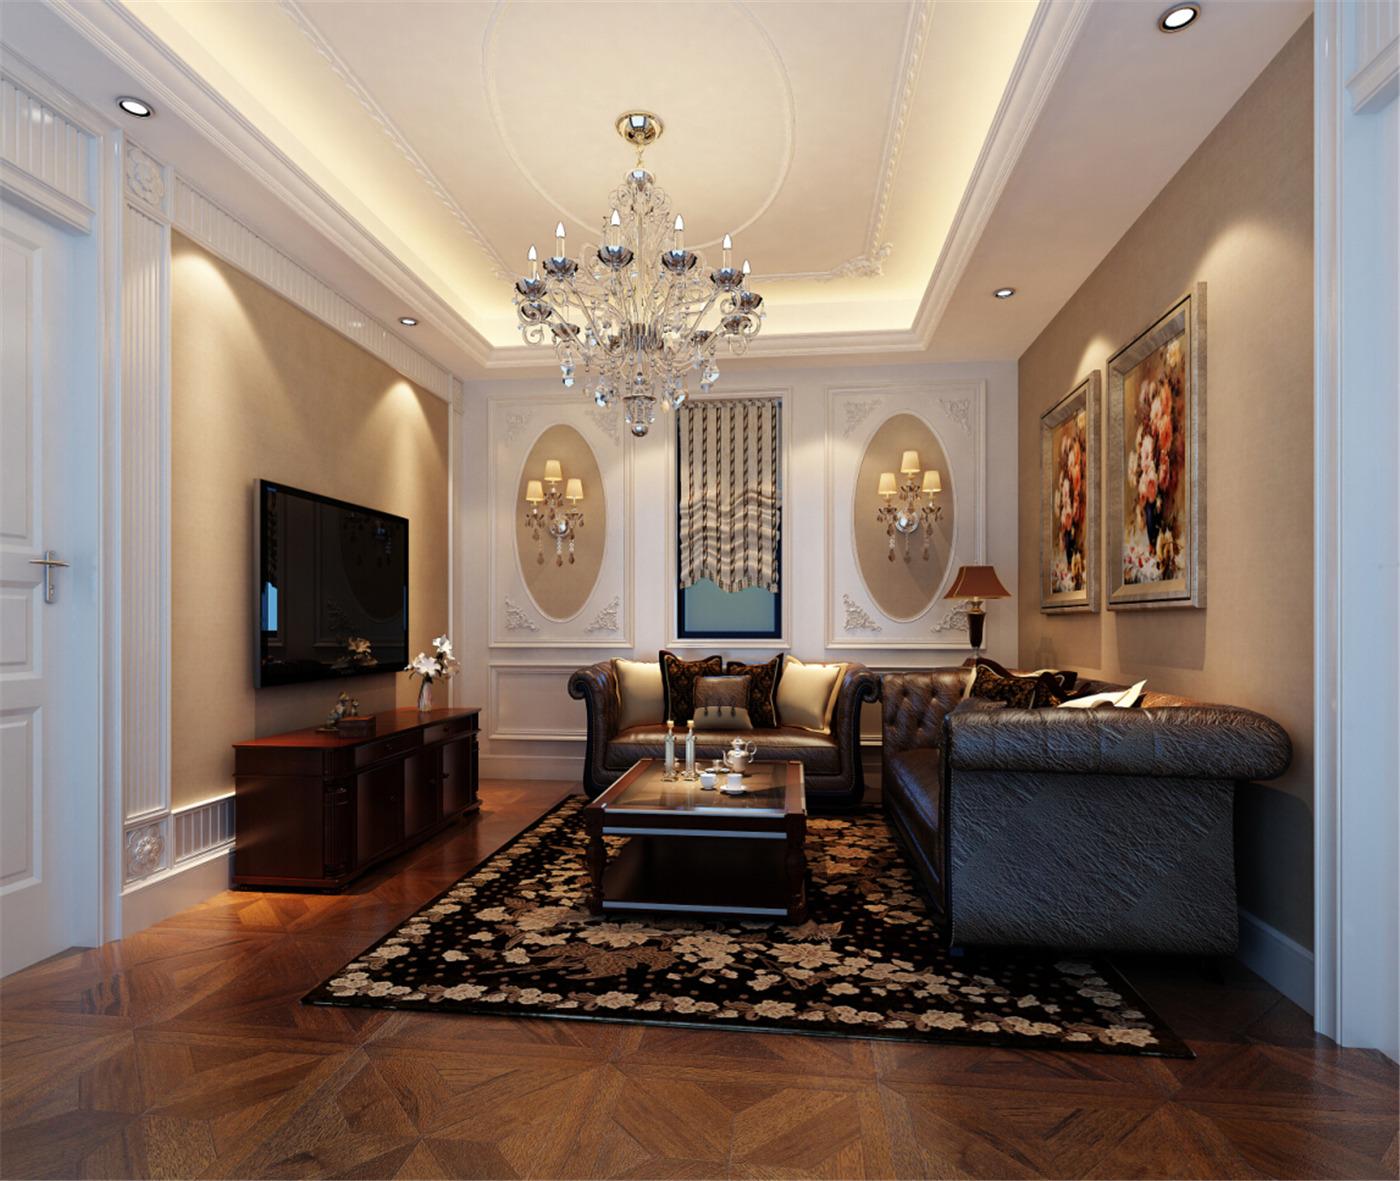 保利叶城 别墅装修 别墅设计 现代风格 腾龙设计 其他图片来自腾龙设计在保利叶城121号别墅装修设计案例的分享